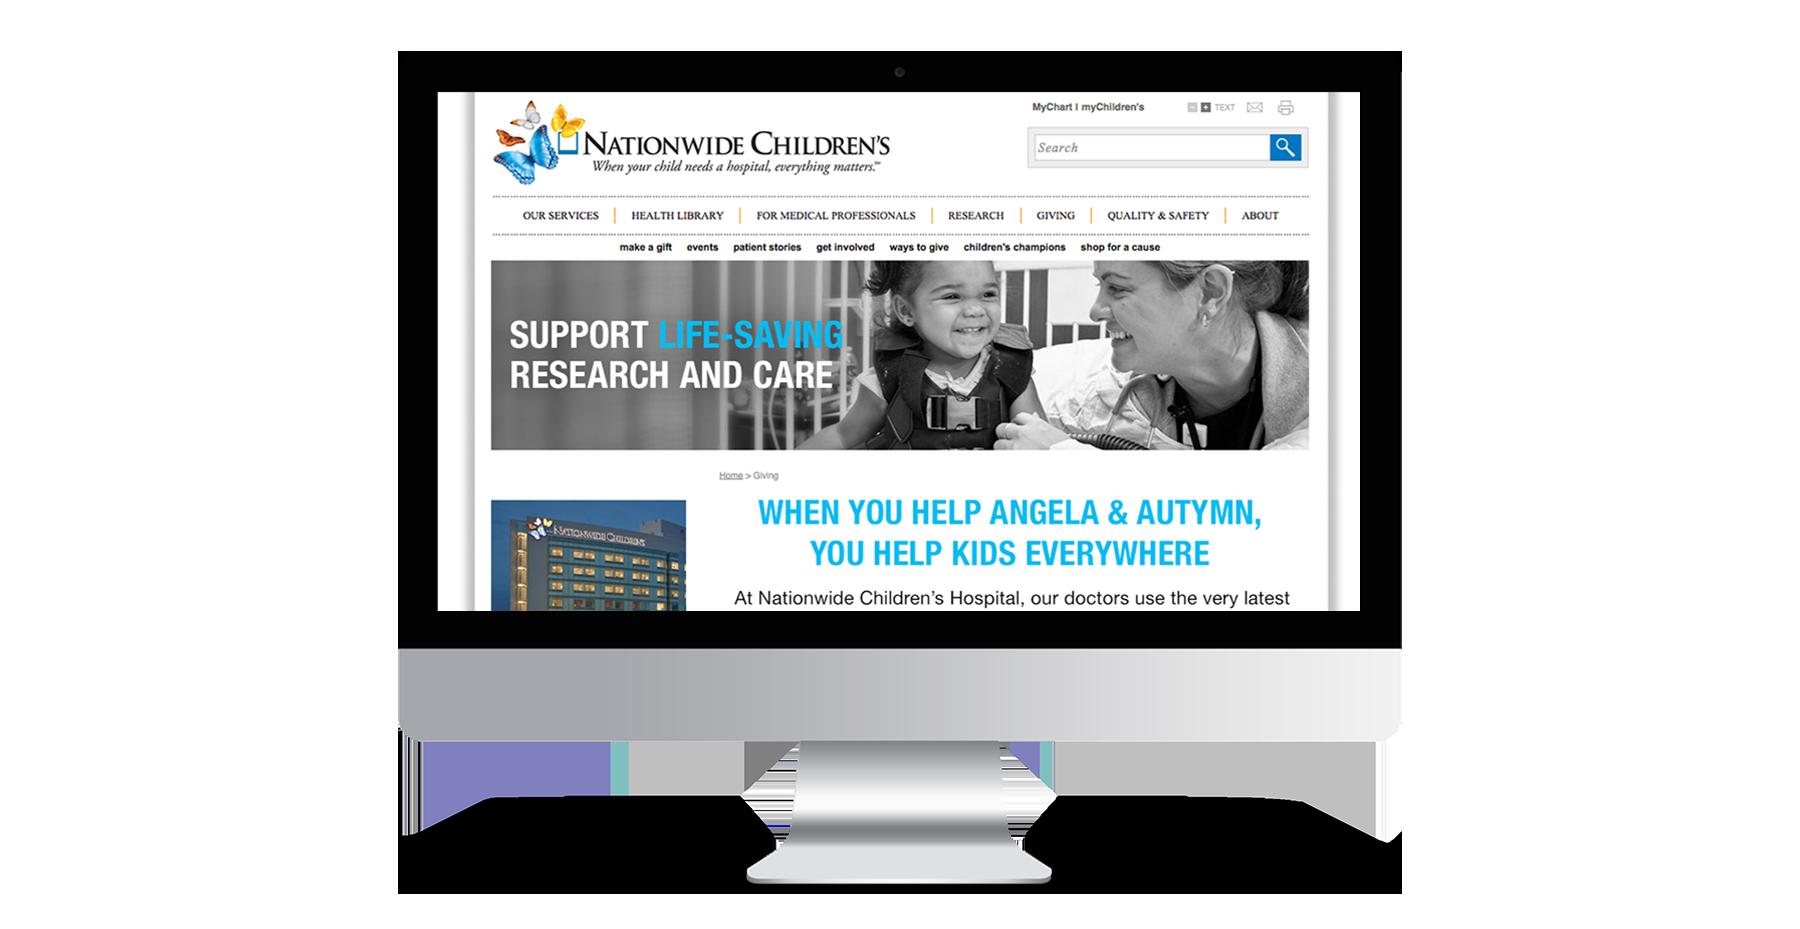 Nationwide Children's iMac mockup of website design